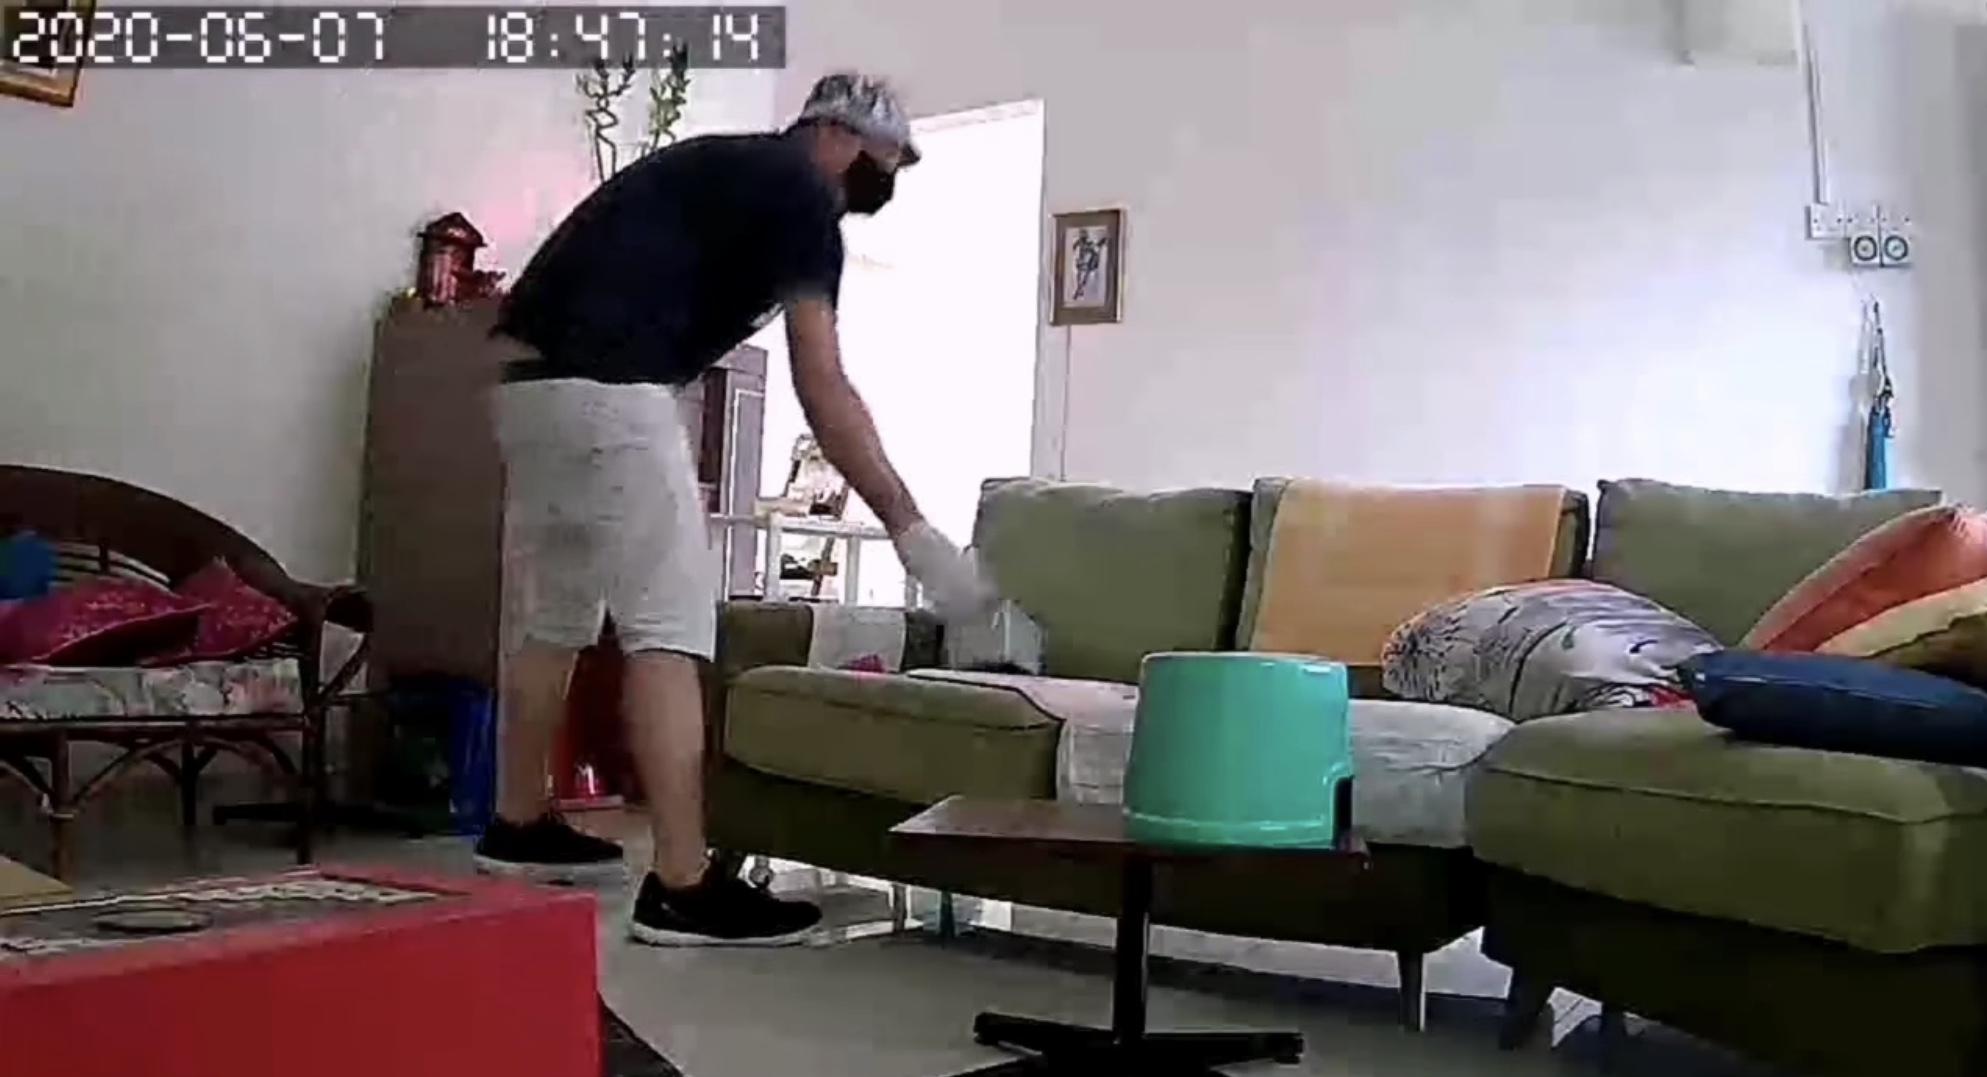 其中一个黑衣男在客厅翻找时,丝毫没察觉到放在一旁的监视器。